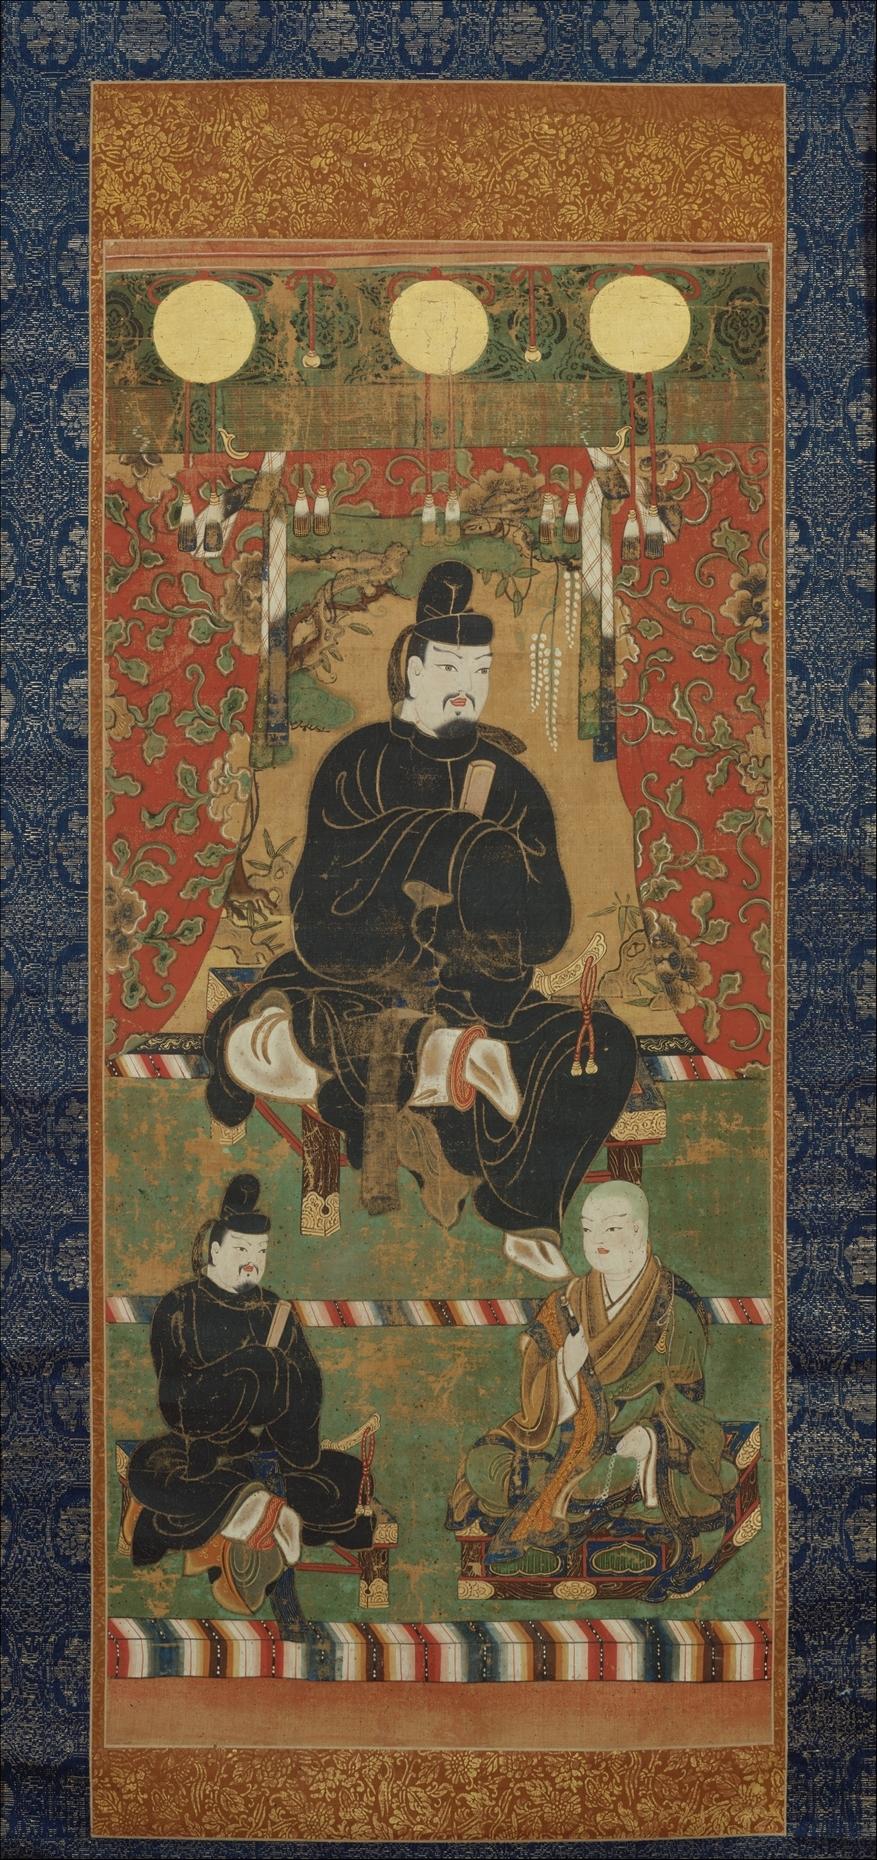 Fujiwara no Kamatari as a Shinto Deity